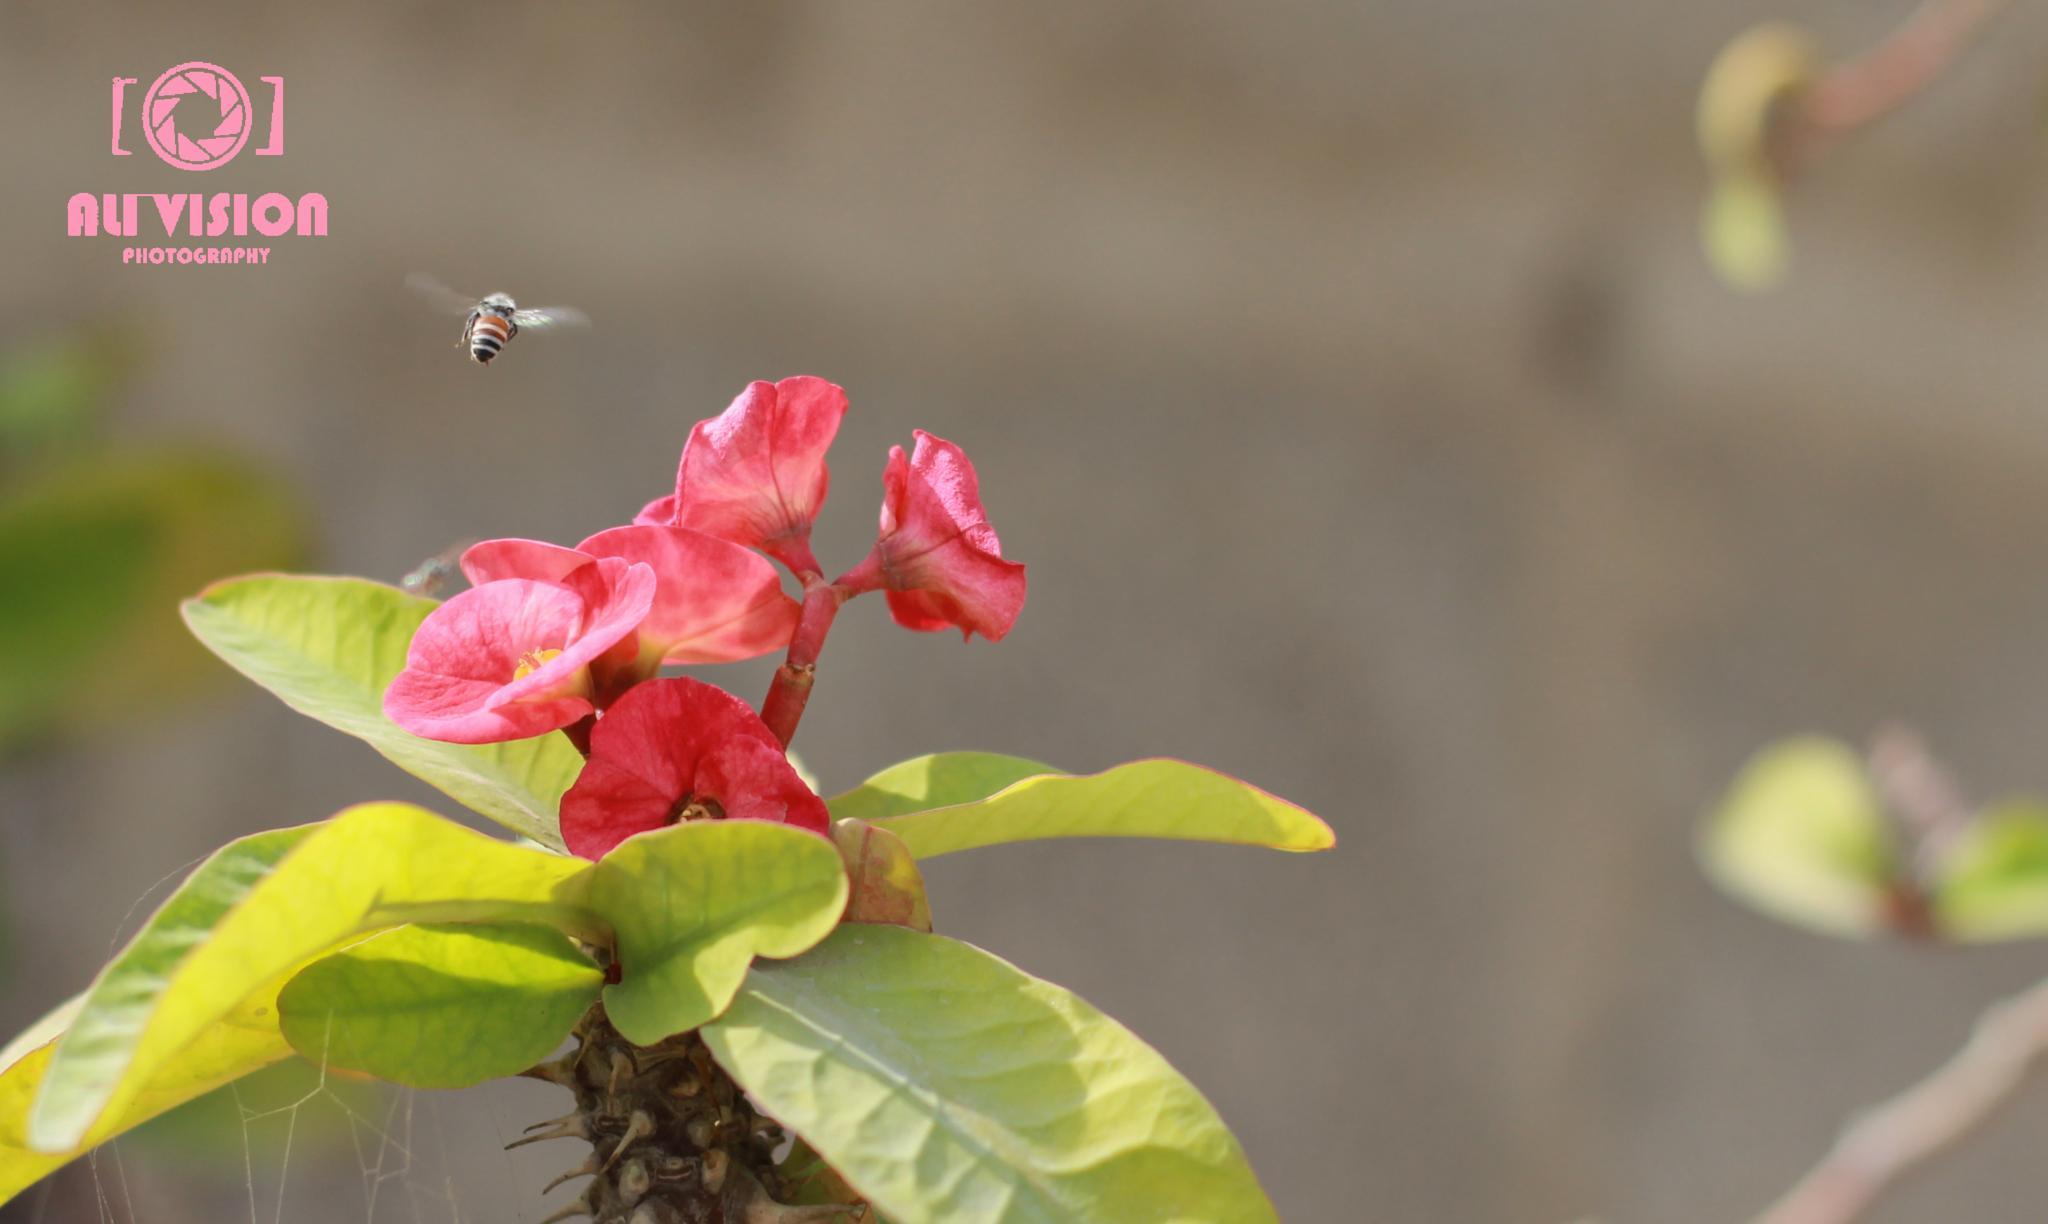 Honey Bee by Syed Muhammad Ali